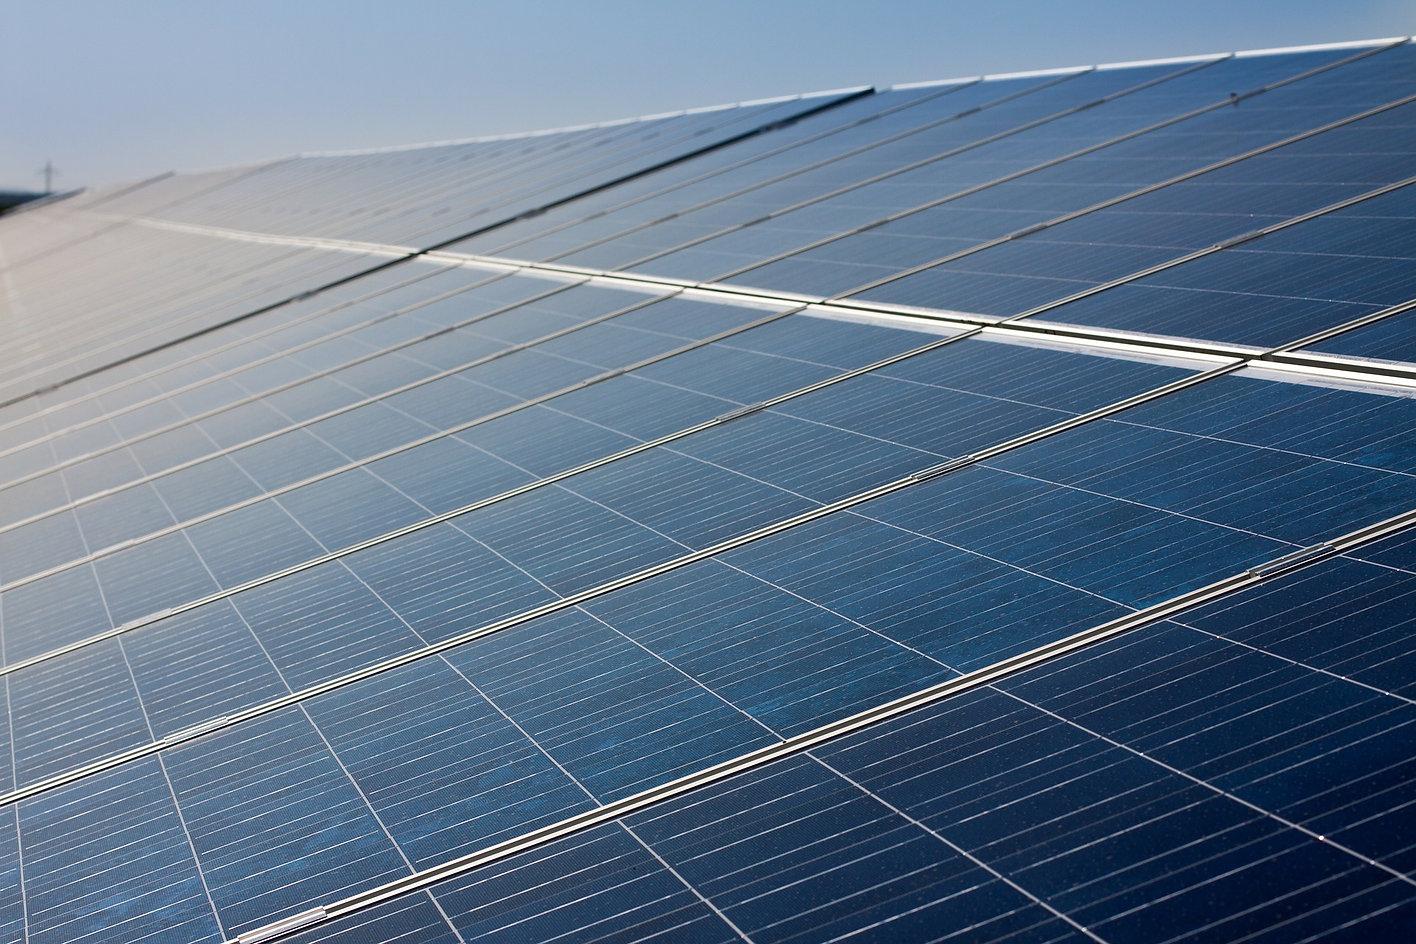 solar-cells-191687_1920.jpg